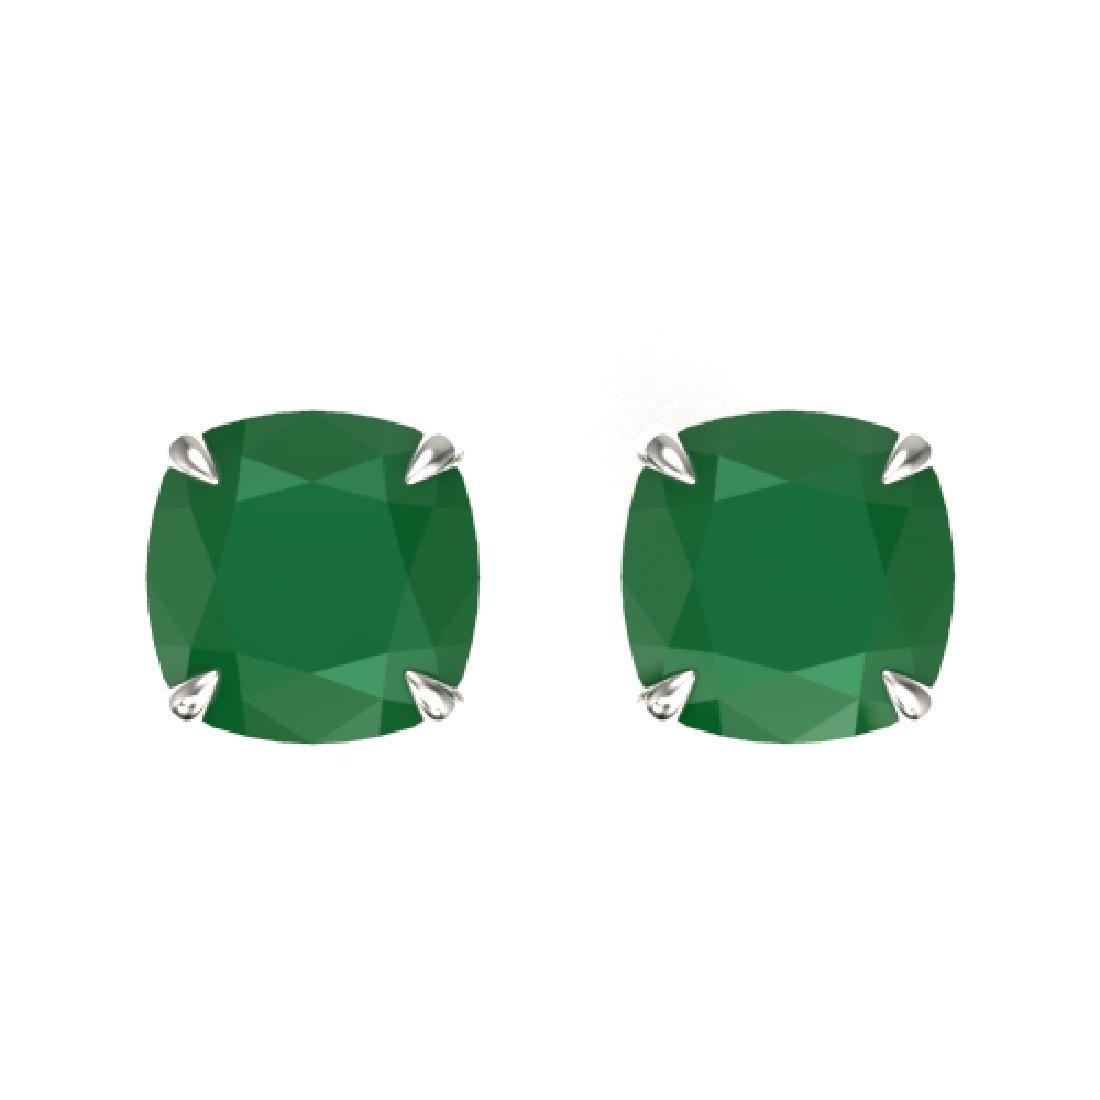 4 CTW Cushion Cut Emerald Designer Solitaire Stud